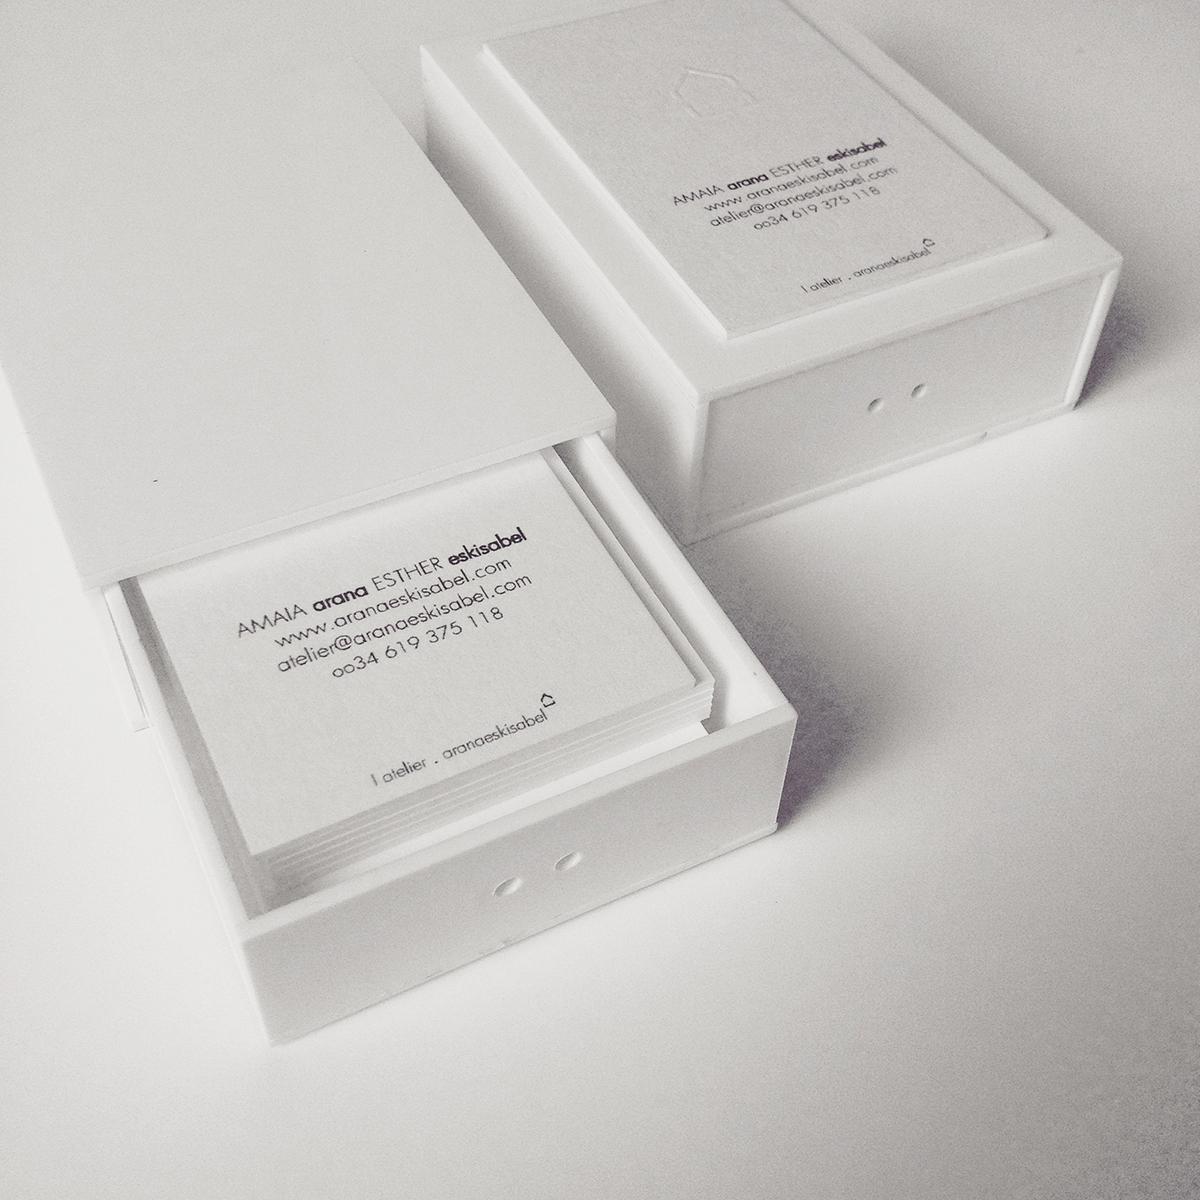 Tarjetas, caja y placa corporativa Araña Editorial by Archicercle